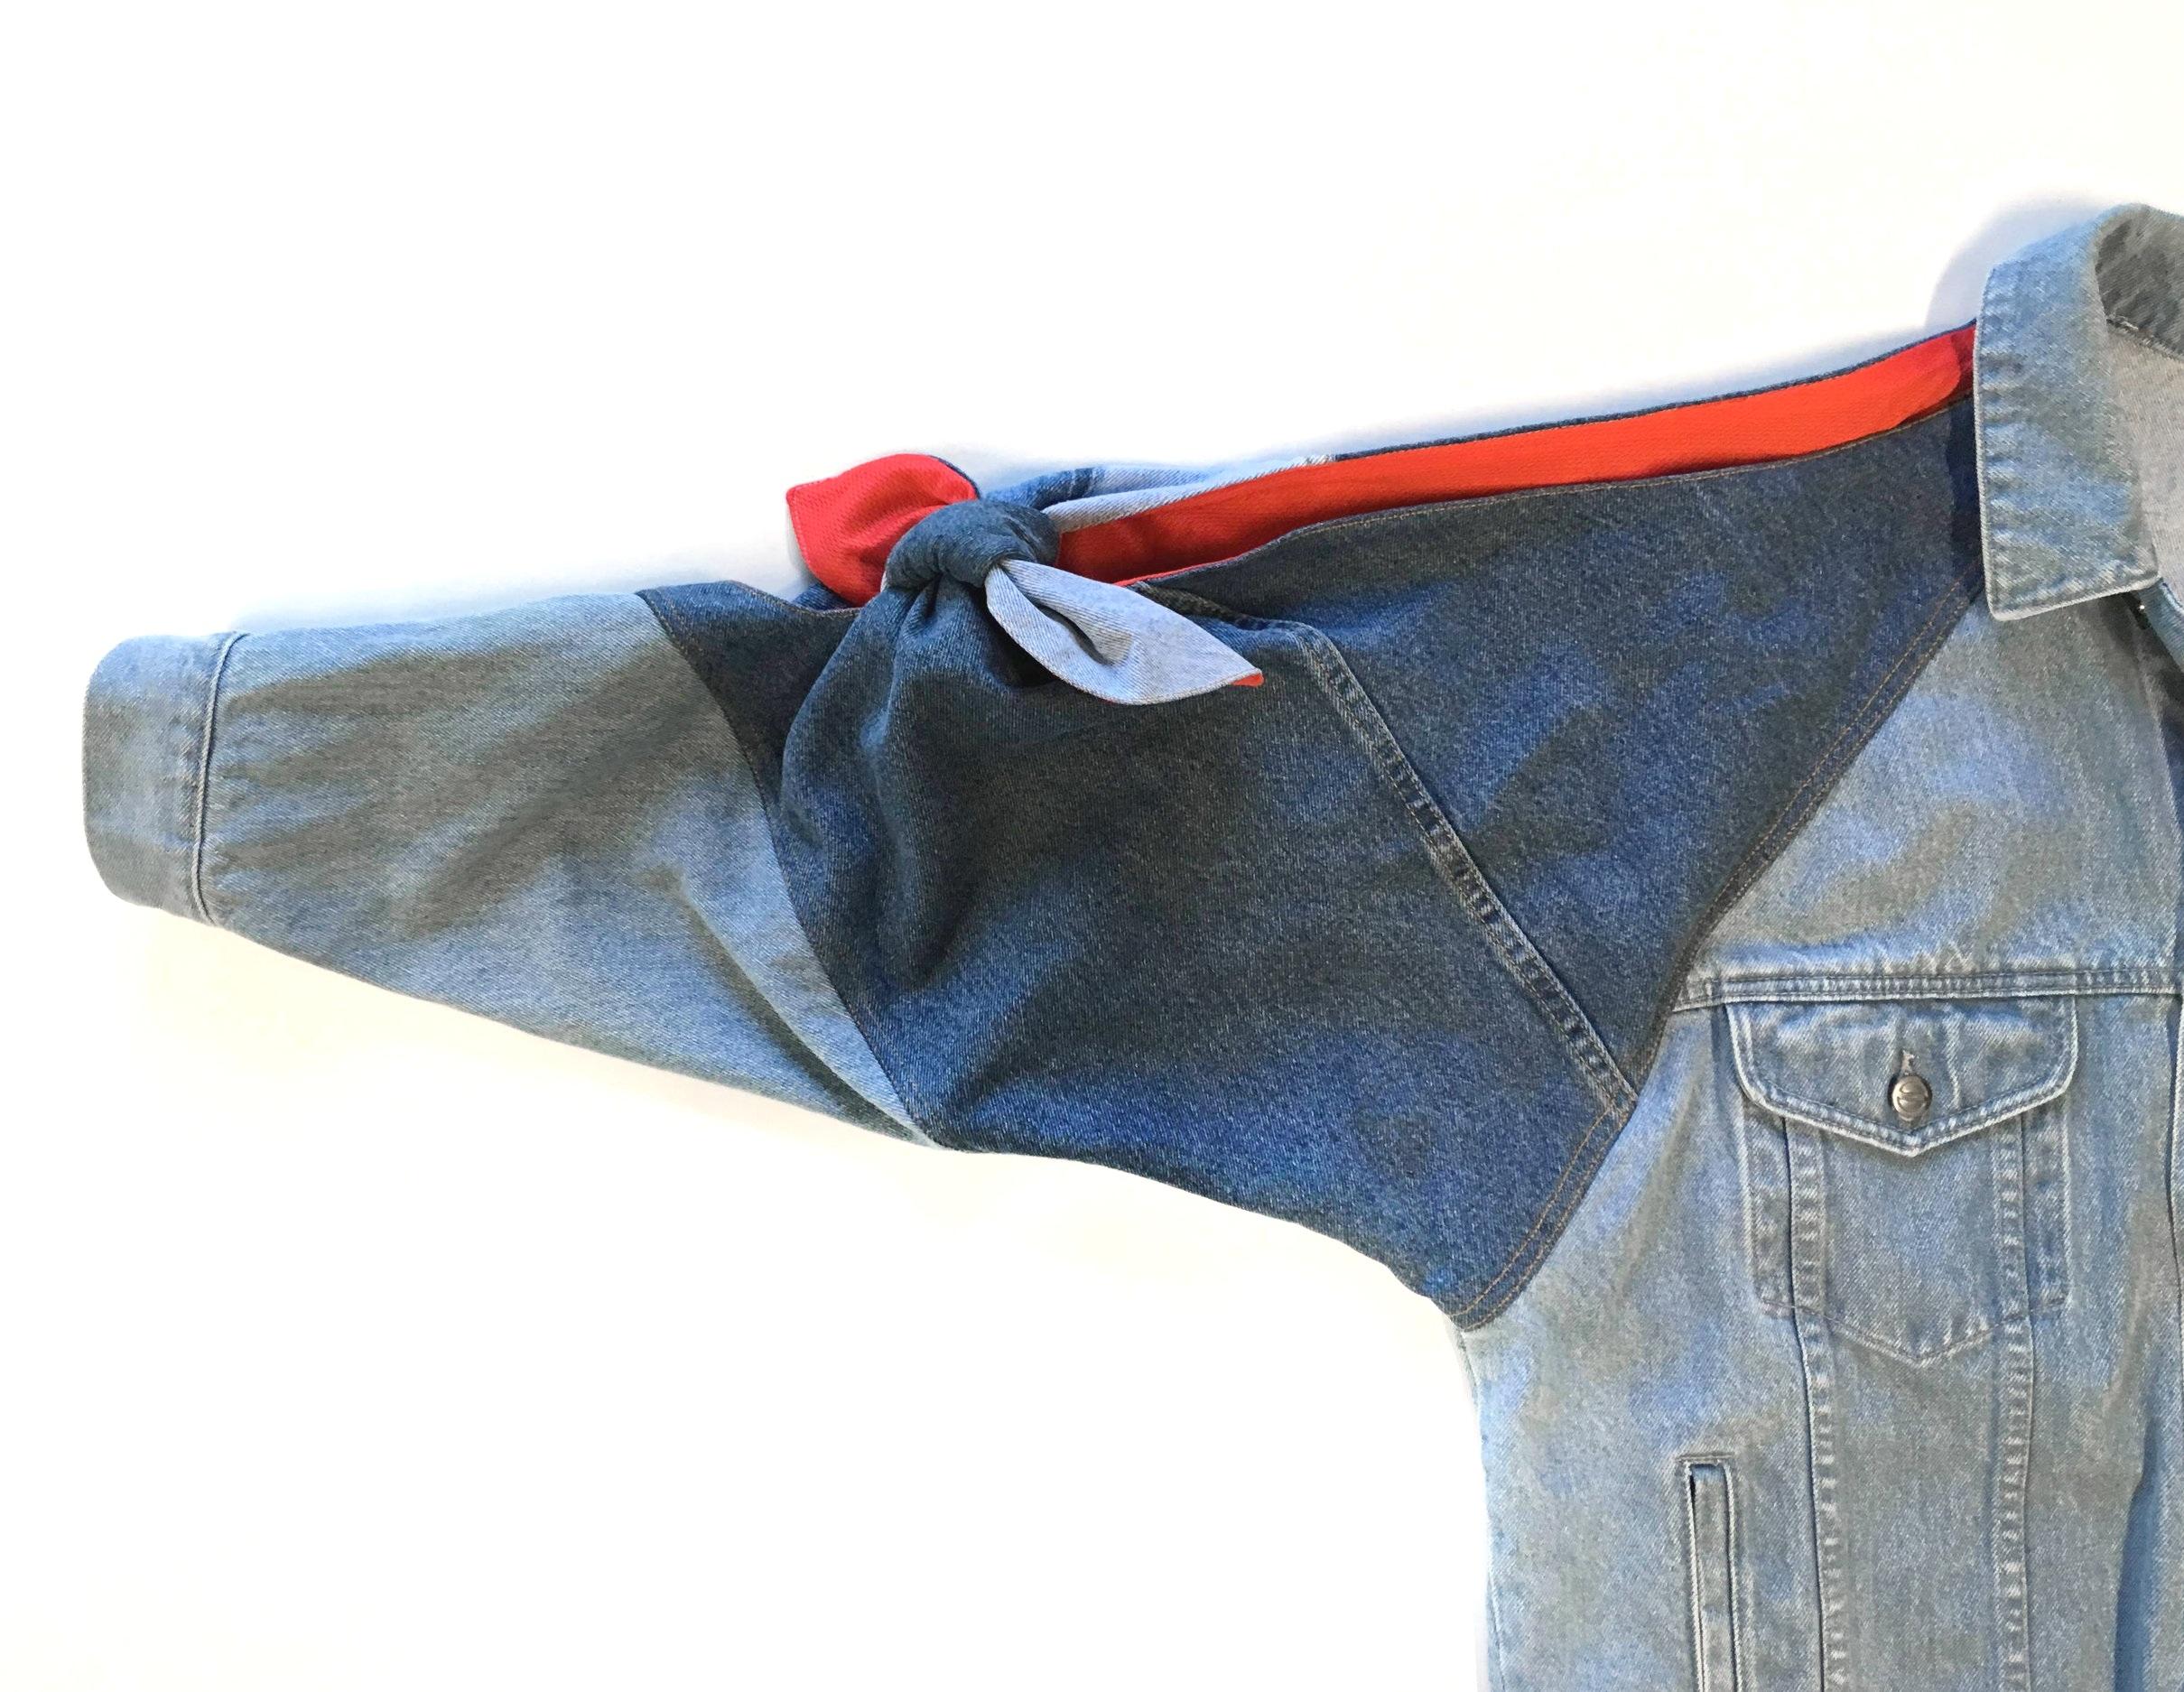 Jacket sleeve twist